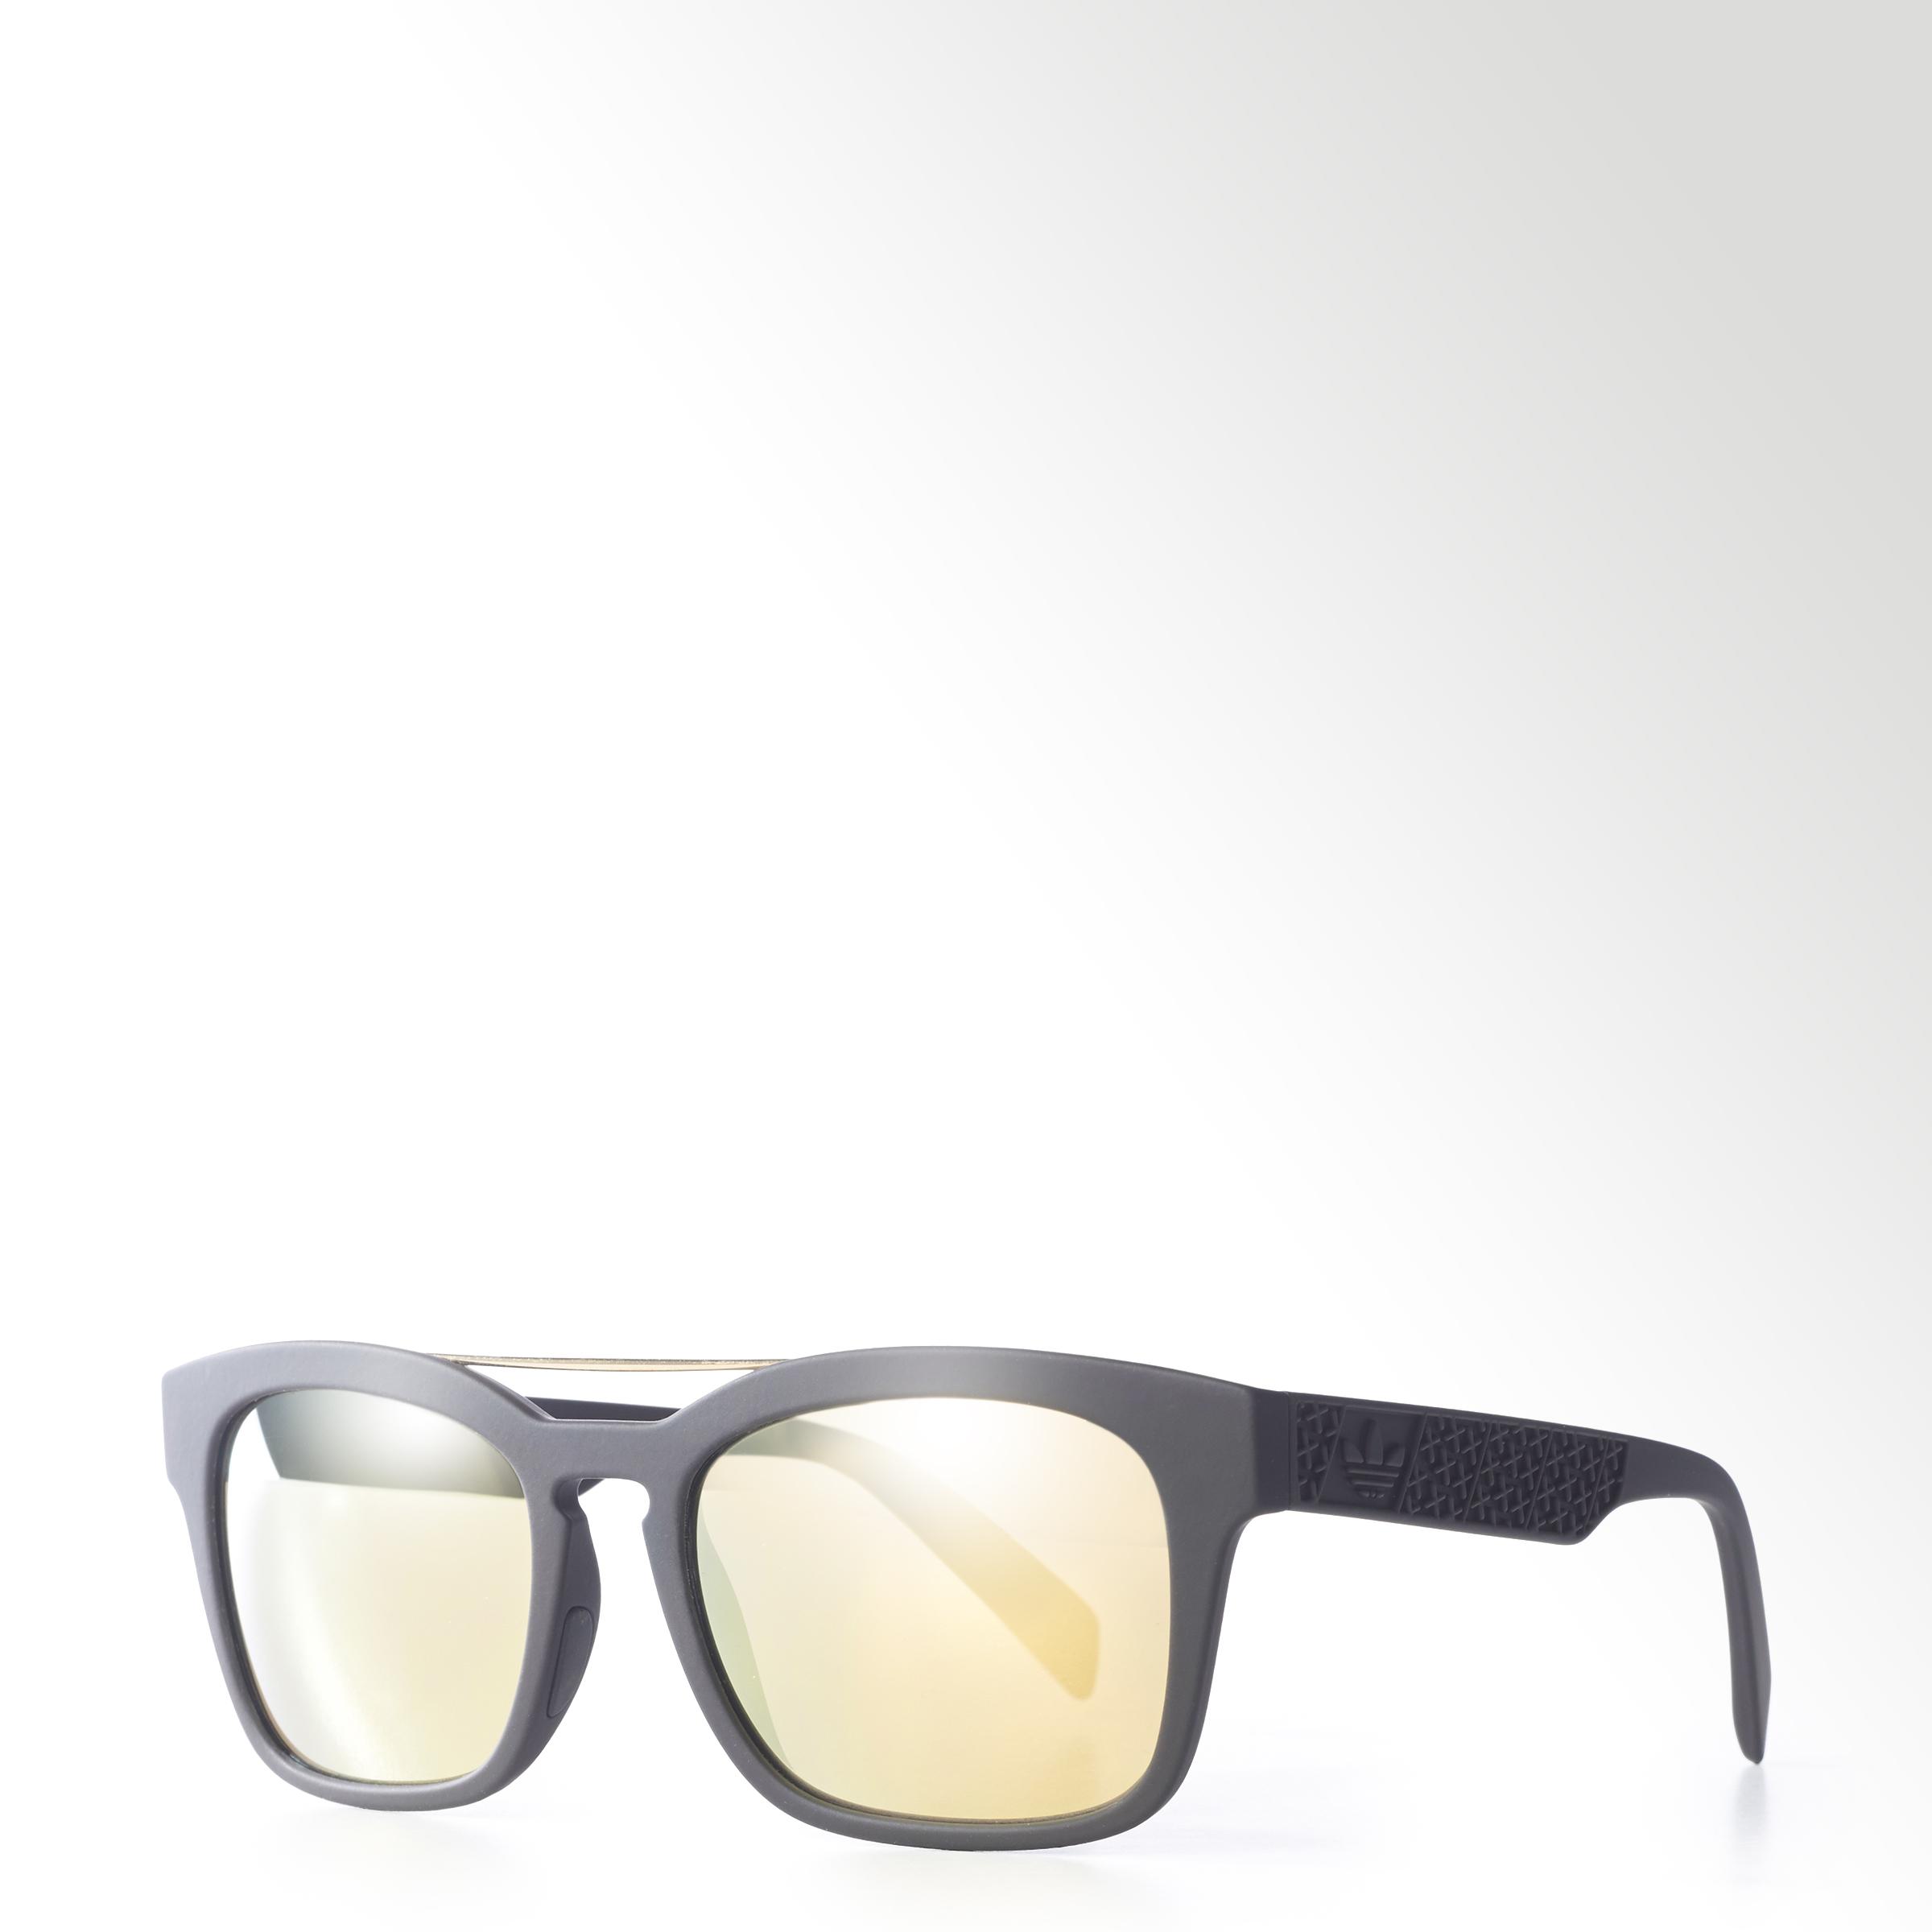 adidas Originals представляет коллекцию солнцезащитных очков в коллаборации с Italia Independent